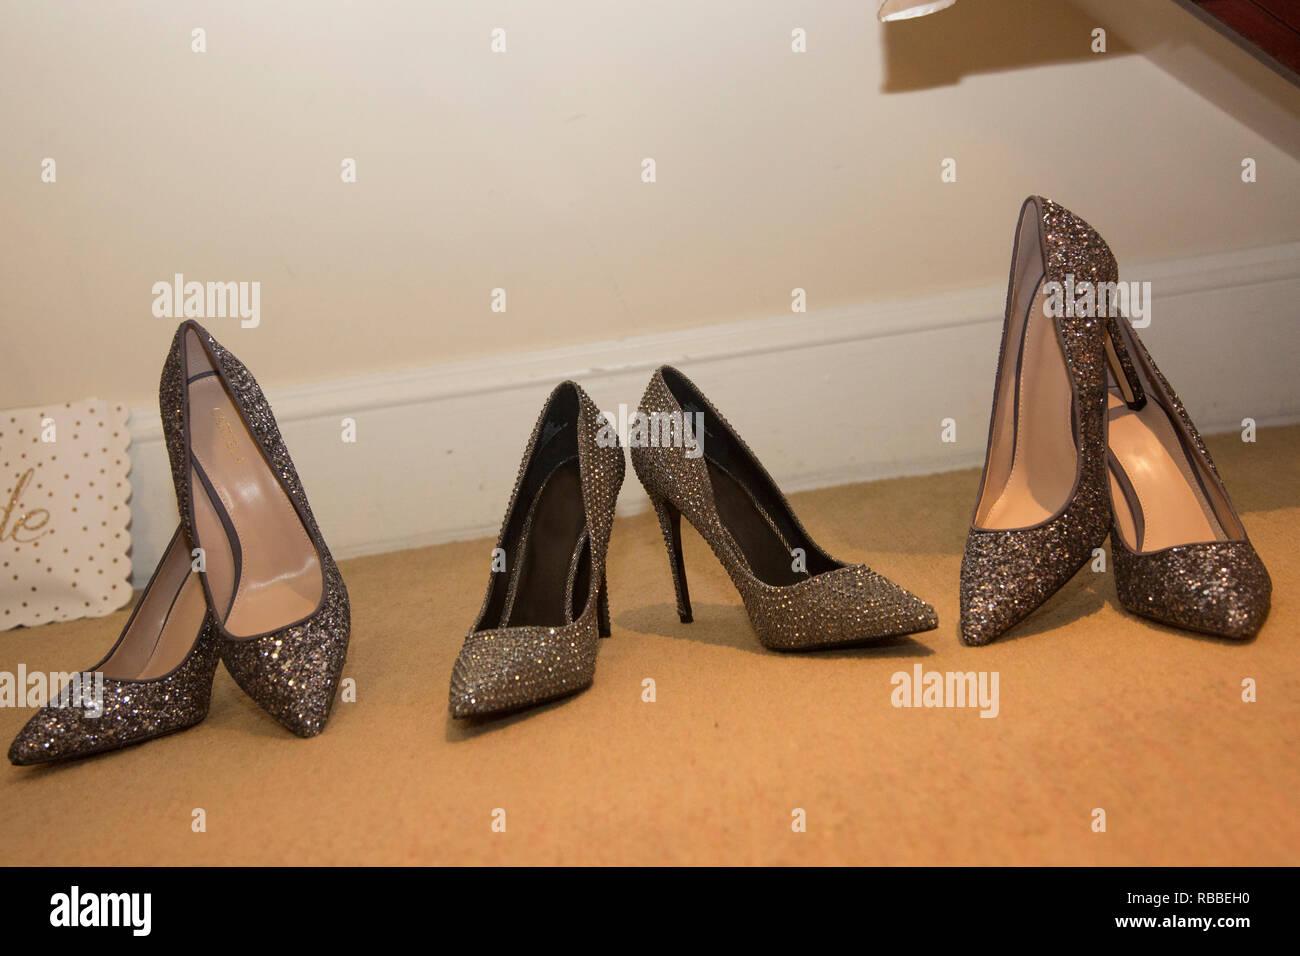 Le spose di scarpe con pattini bridesmaids allineati e in attesa di essere indossato su un giorno di nozze, nero e argento scintillanti scarpe nuziale Immagini Stock